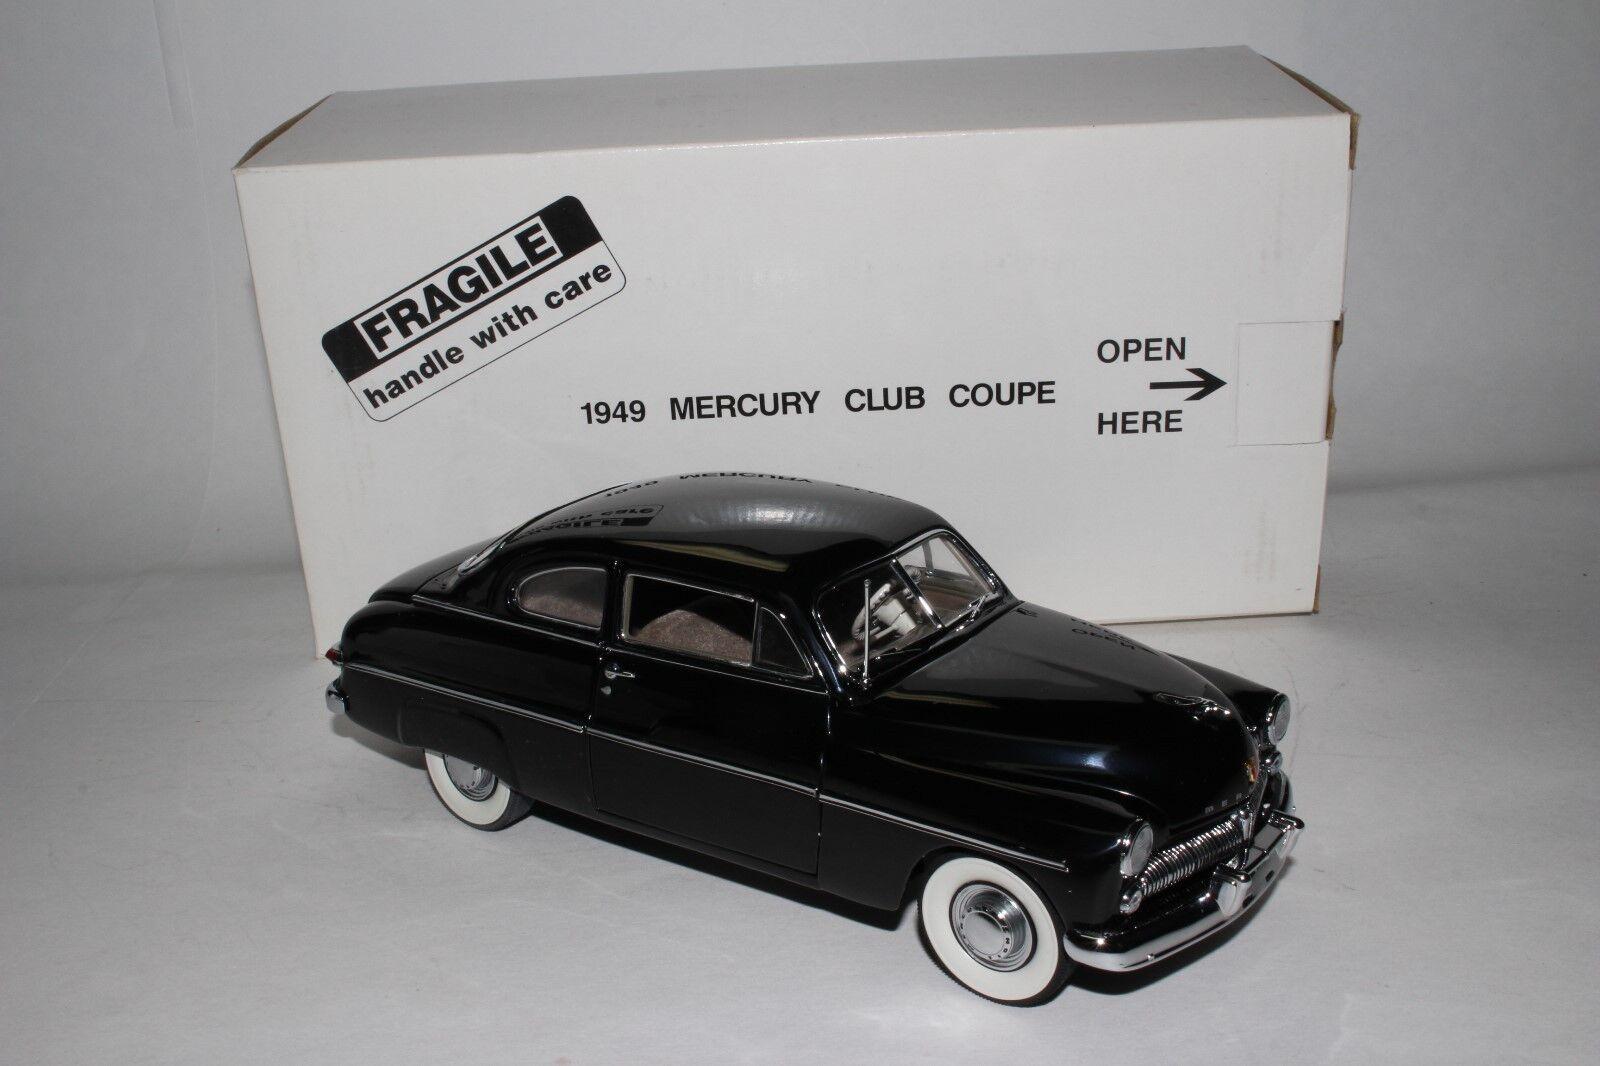 Danbury Neuf 1949 Mercury Club Coupe, Noir, 1 24 Echelle Moulage sous Pression